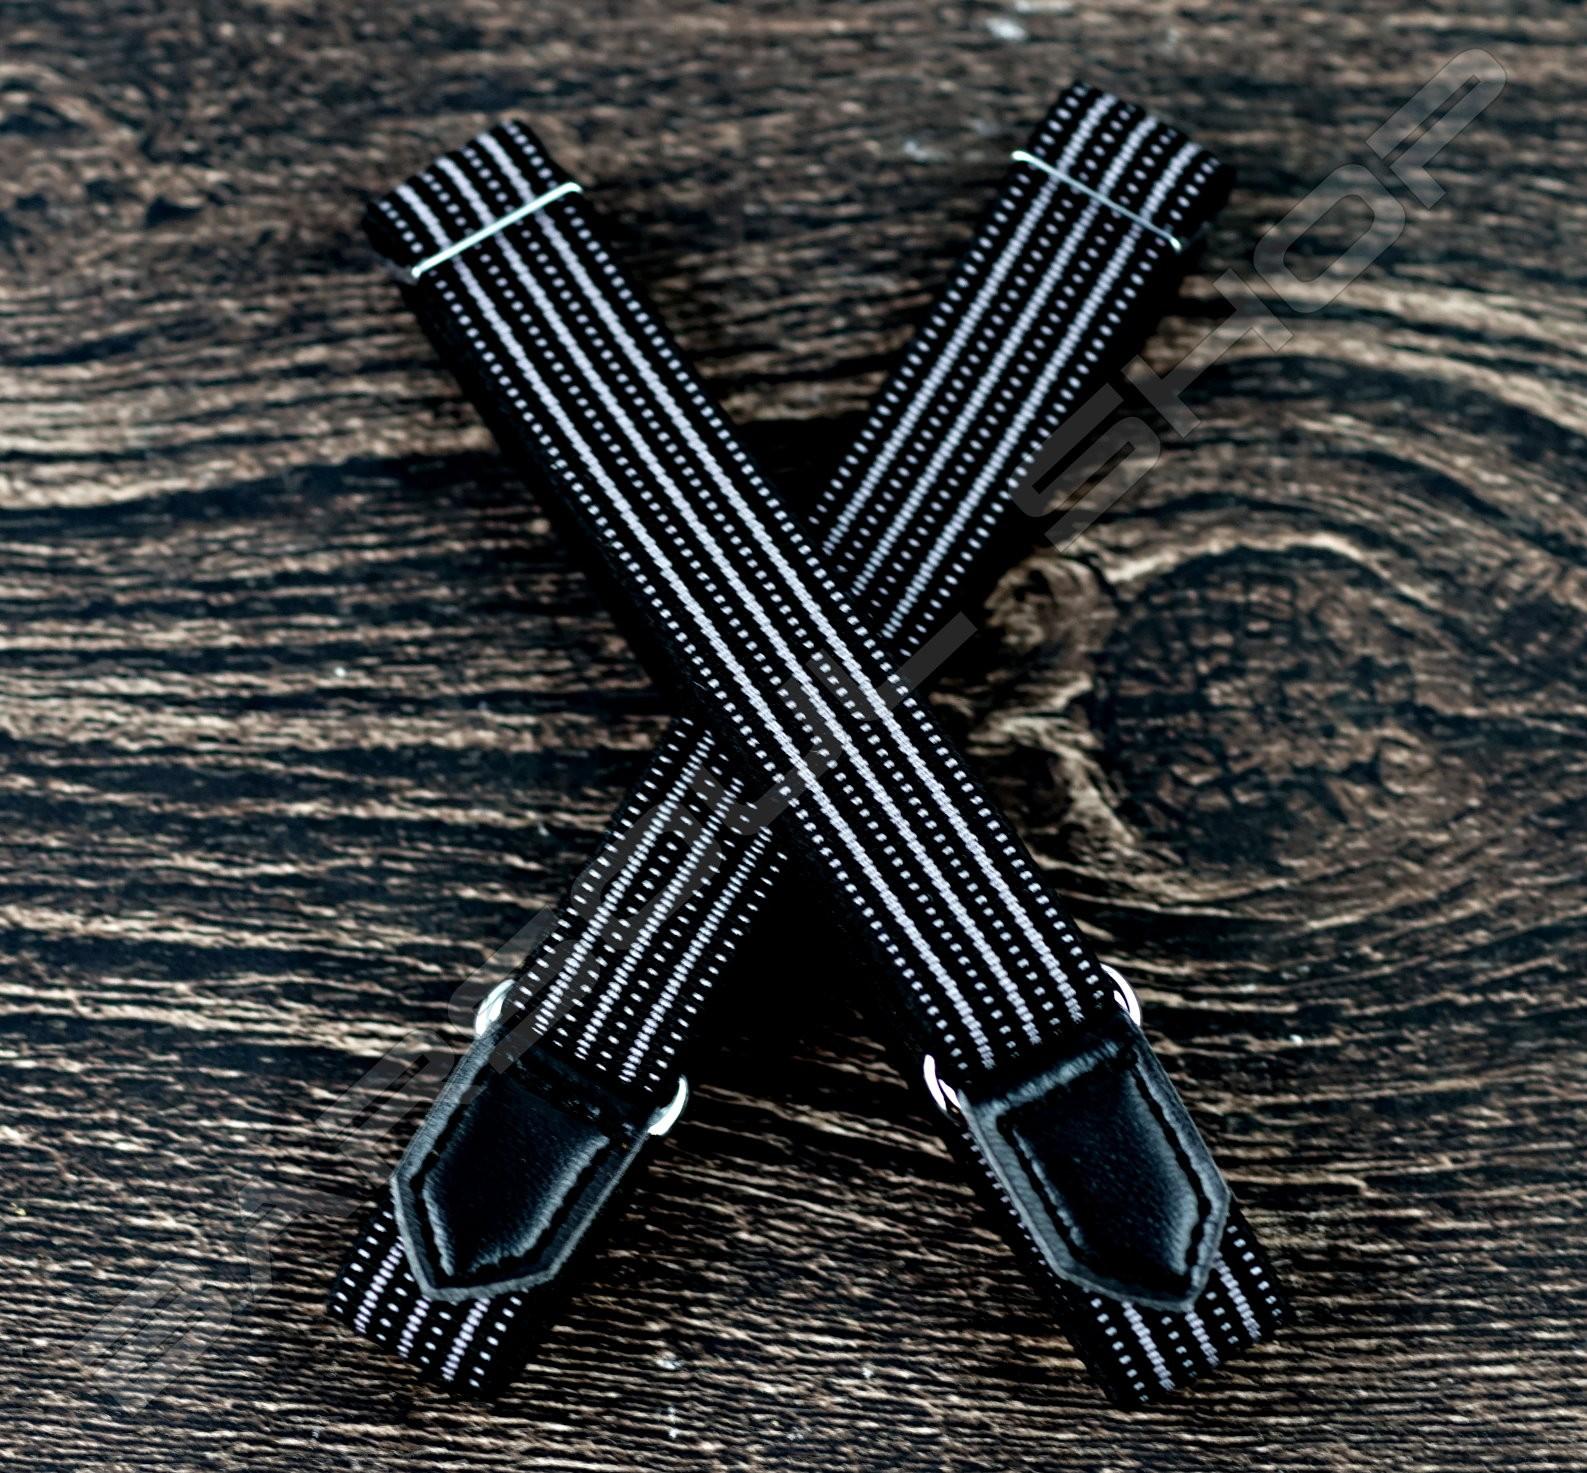 【日本直送】日式伸縮皮飾袖環(黑白細紋) Sleeve garters(D28)